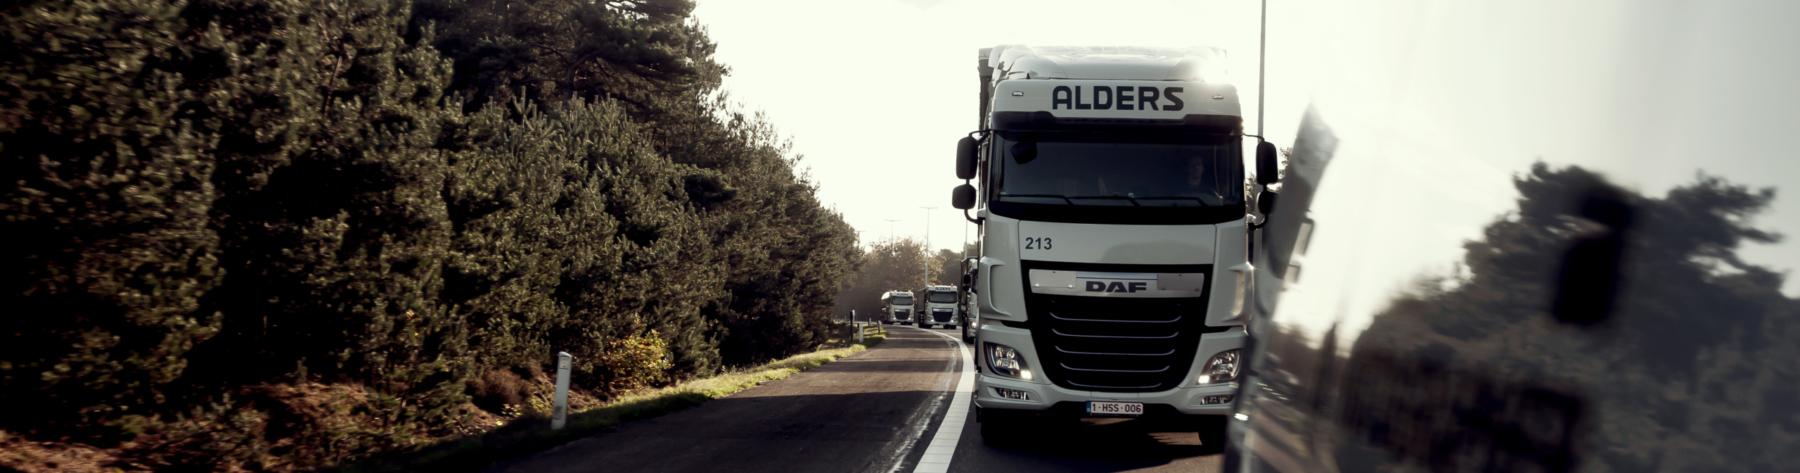 Alders Transport